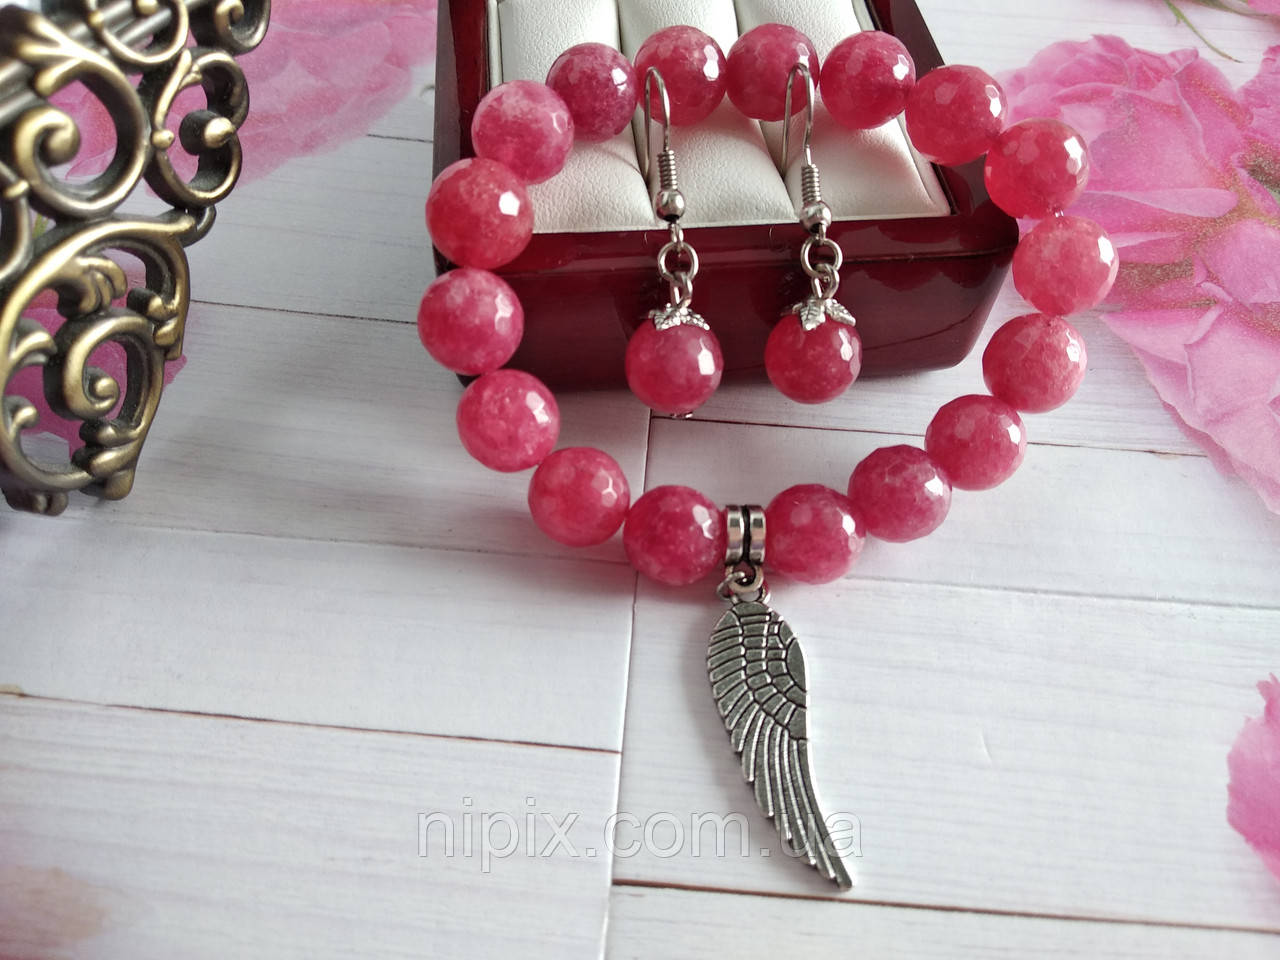 Комплект из граненого розового турмалина - браслет и серьги